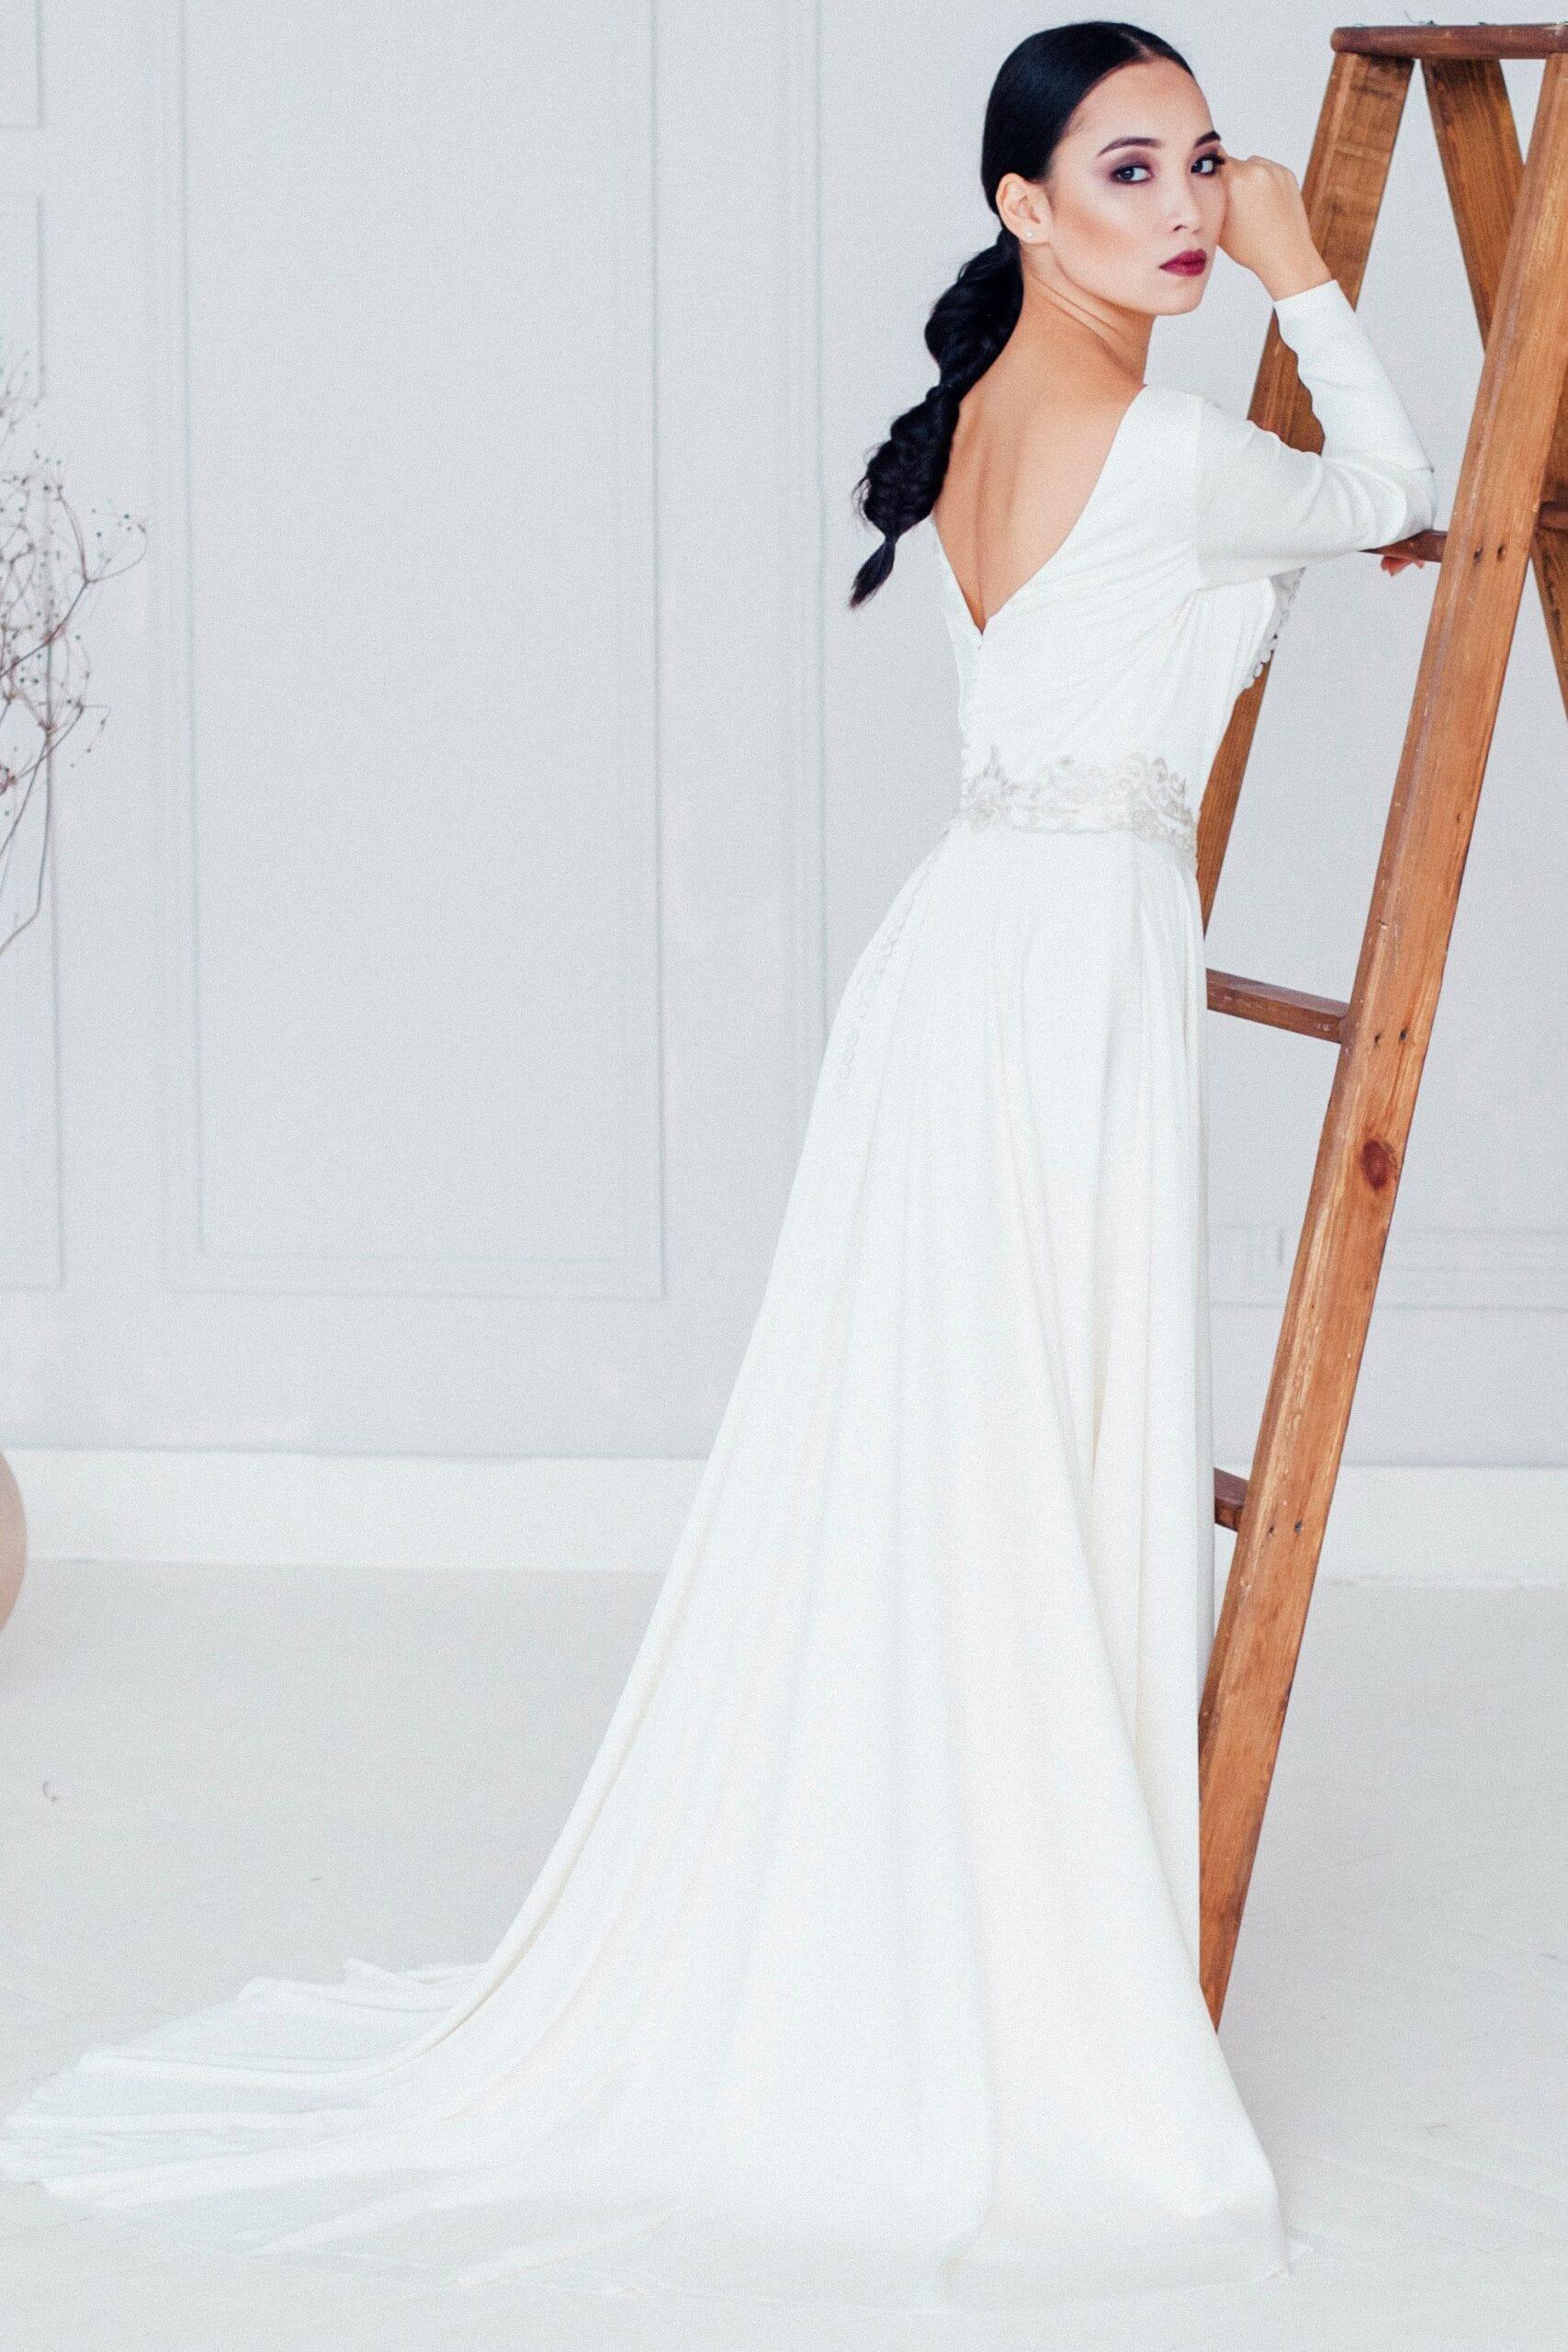 Свадебное платье из шёлка с закрытым декольте цвета айвори, классического стиля, а-силуэт